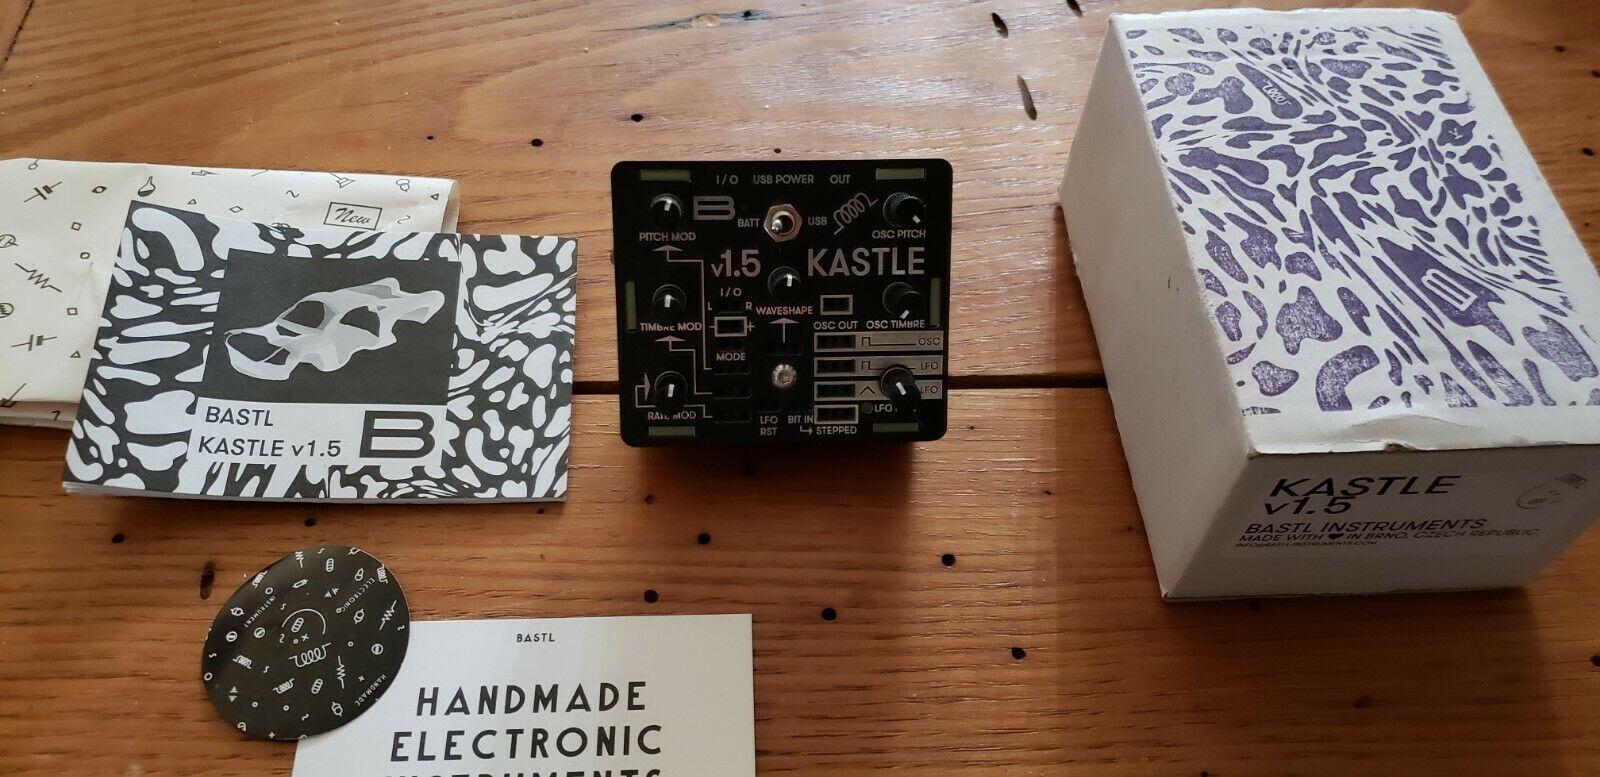 Bastl Instruments Kastle Synth V1.5